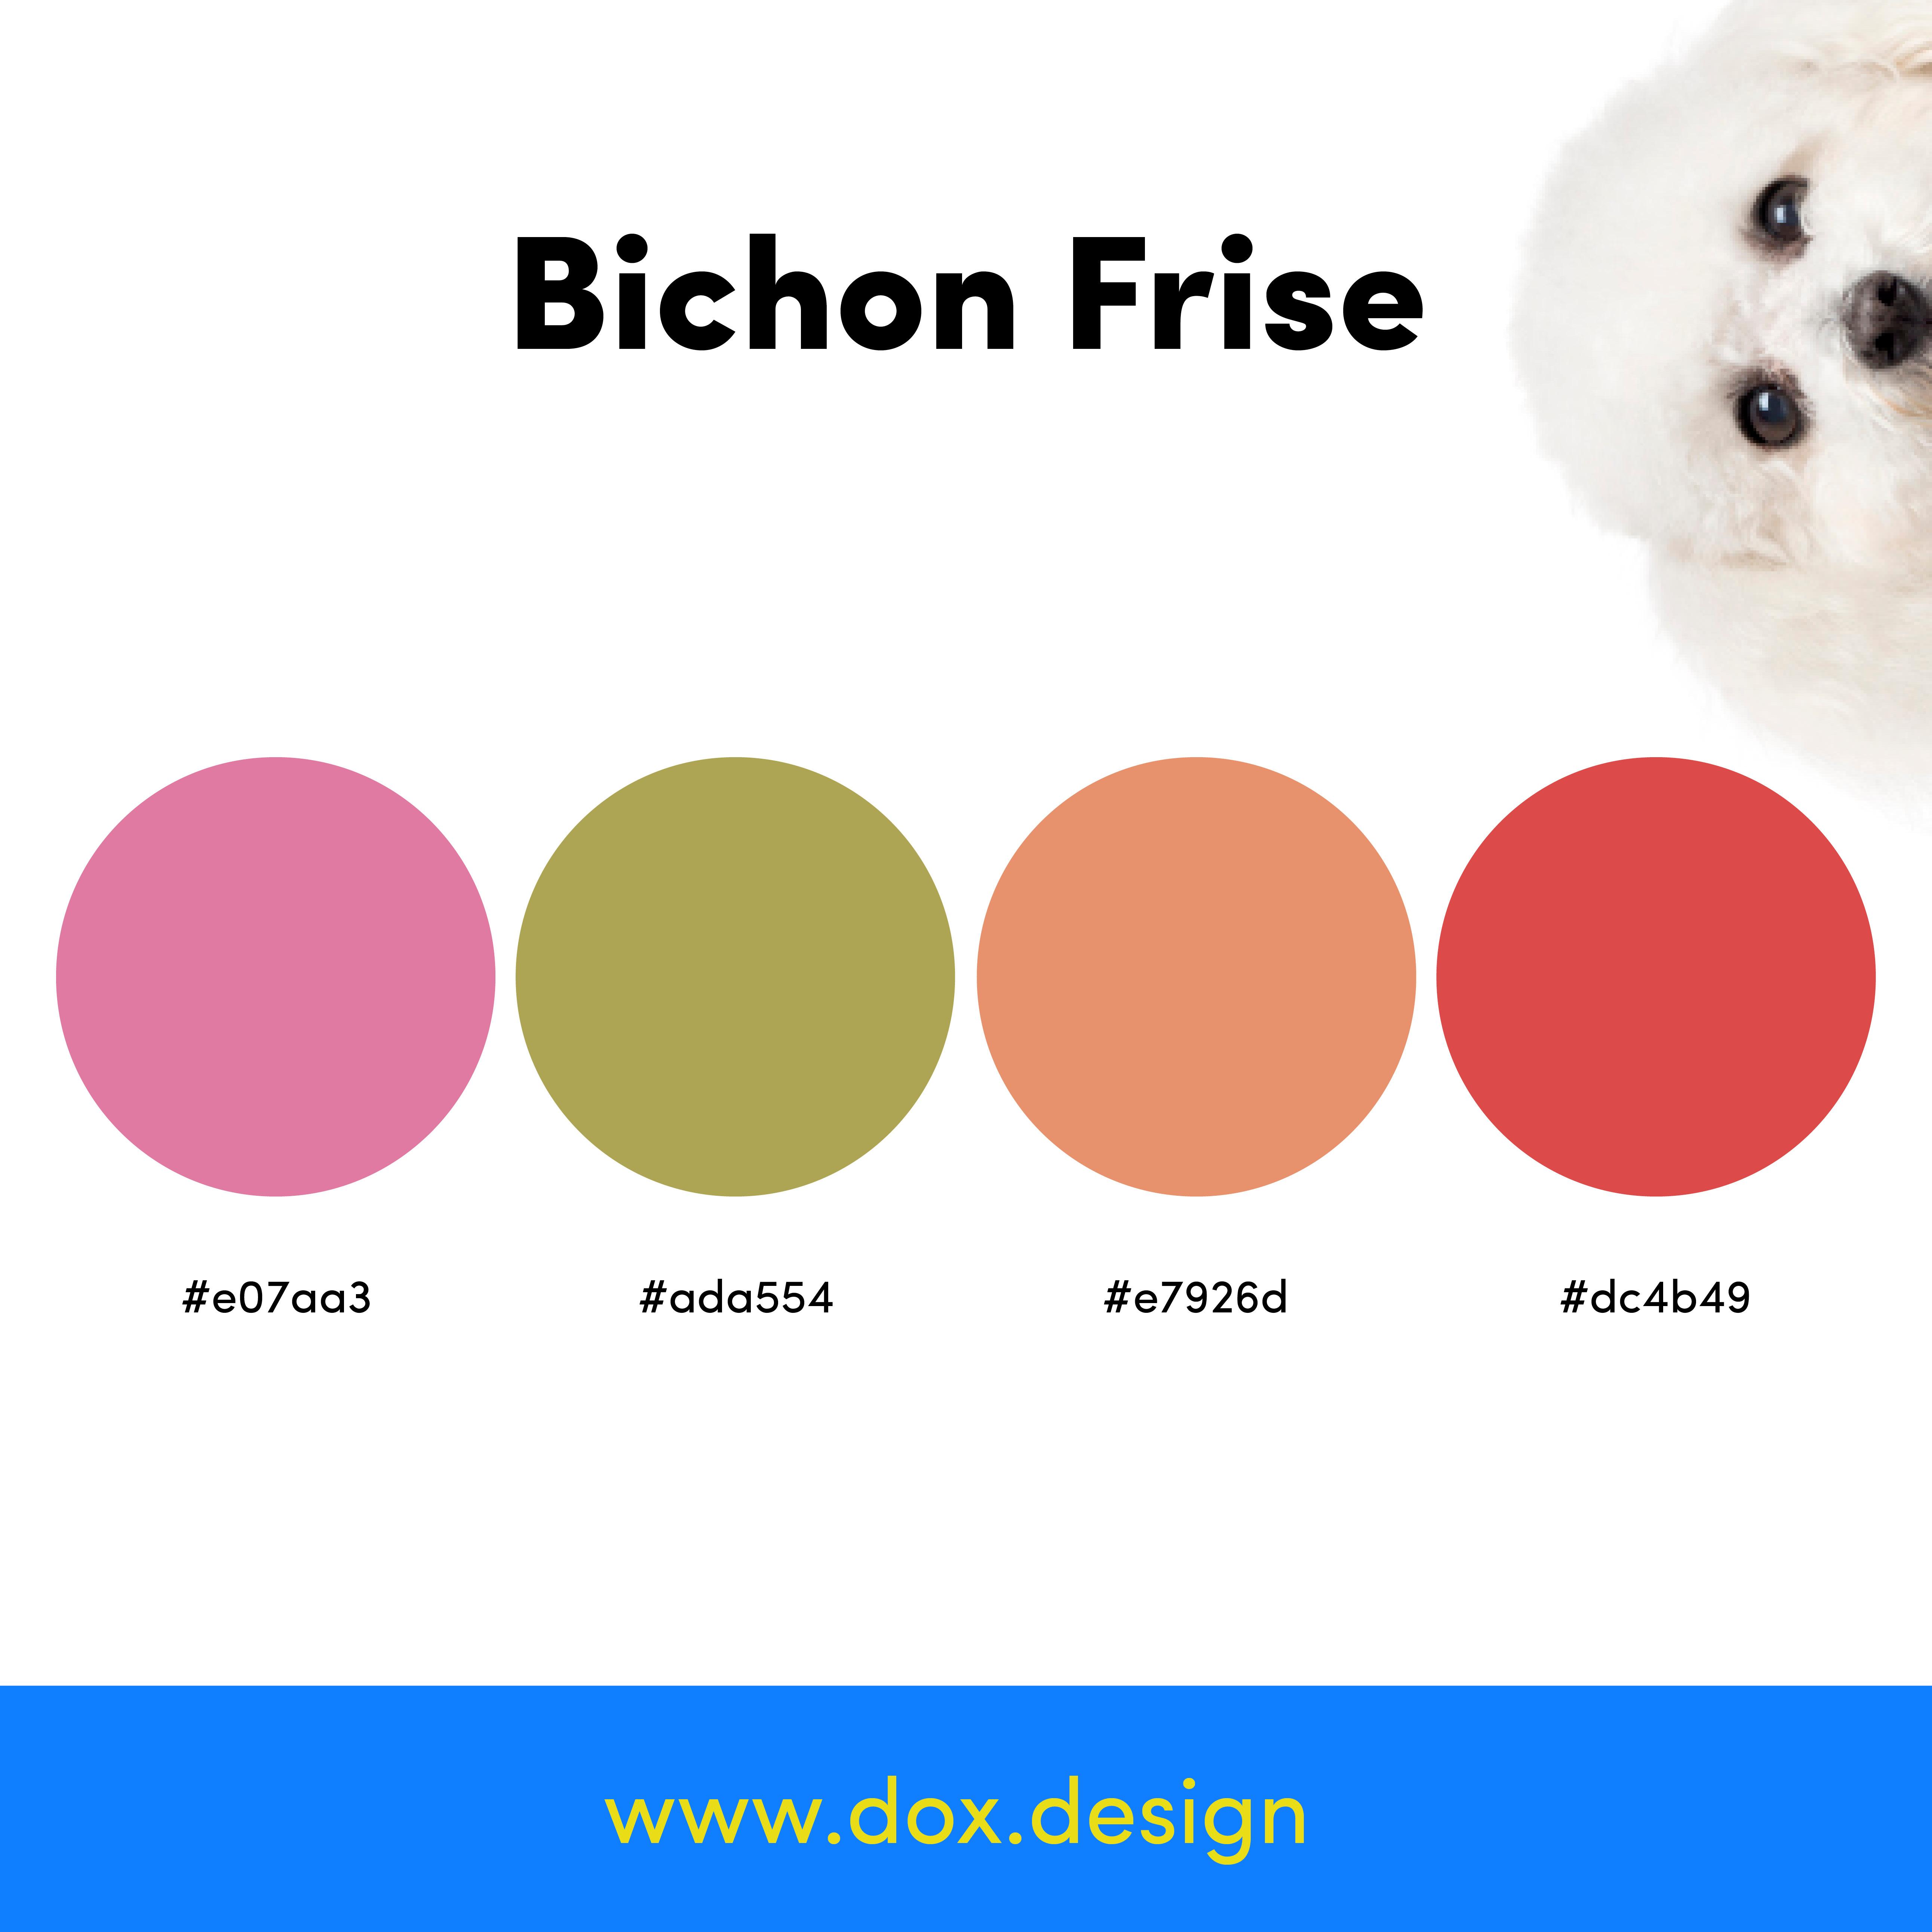 Bichon Frise color palette